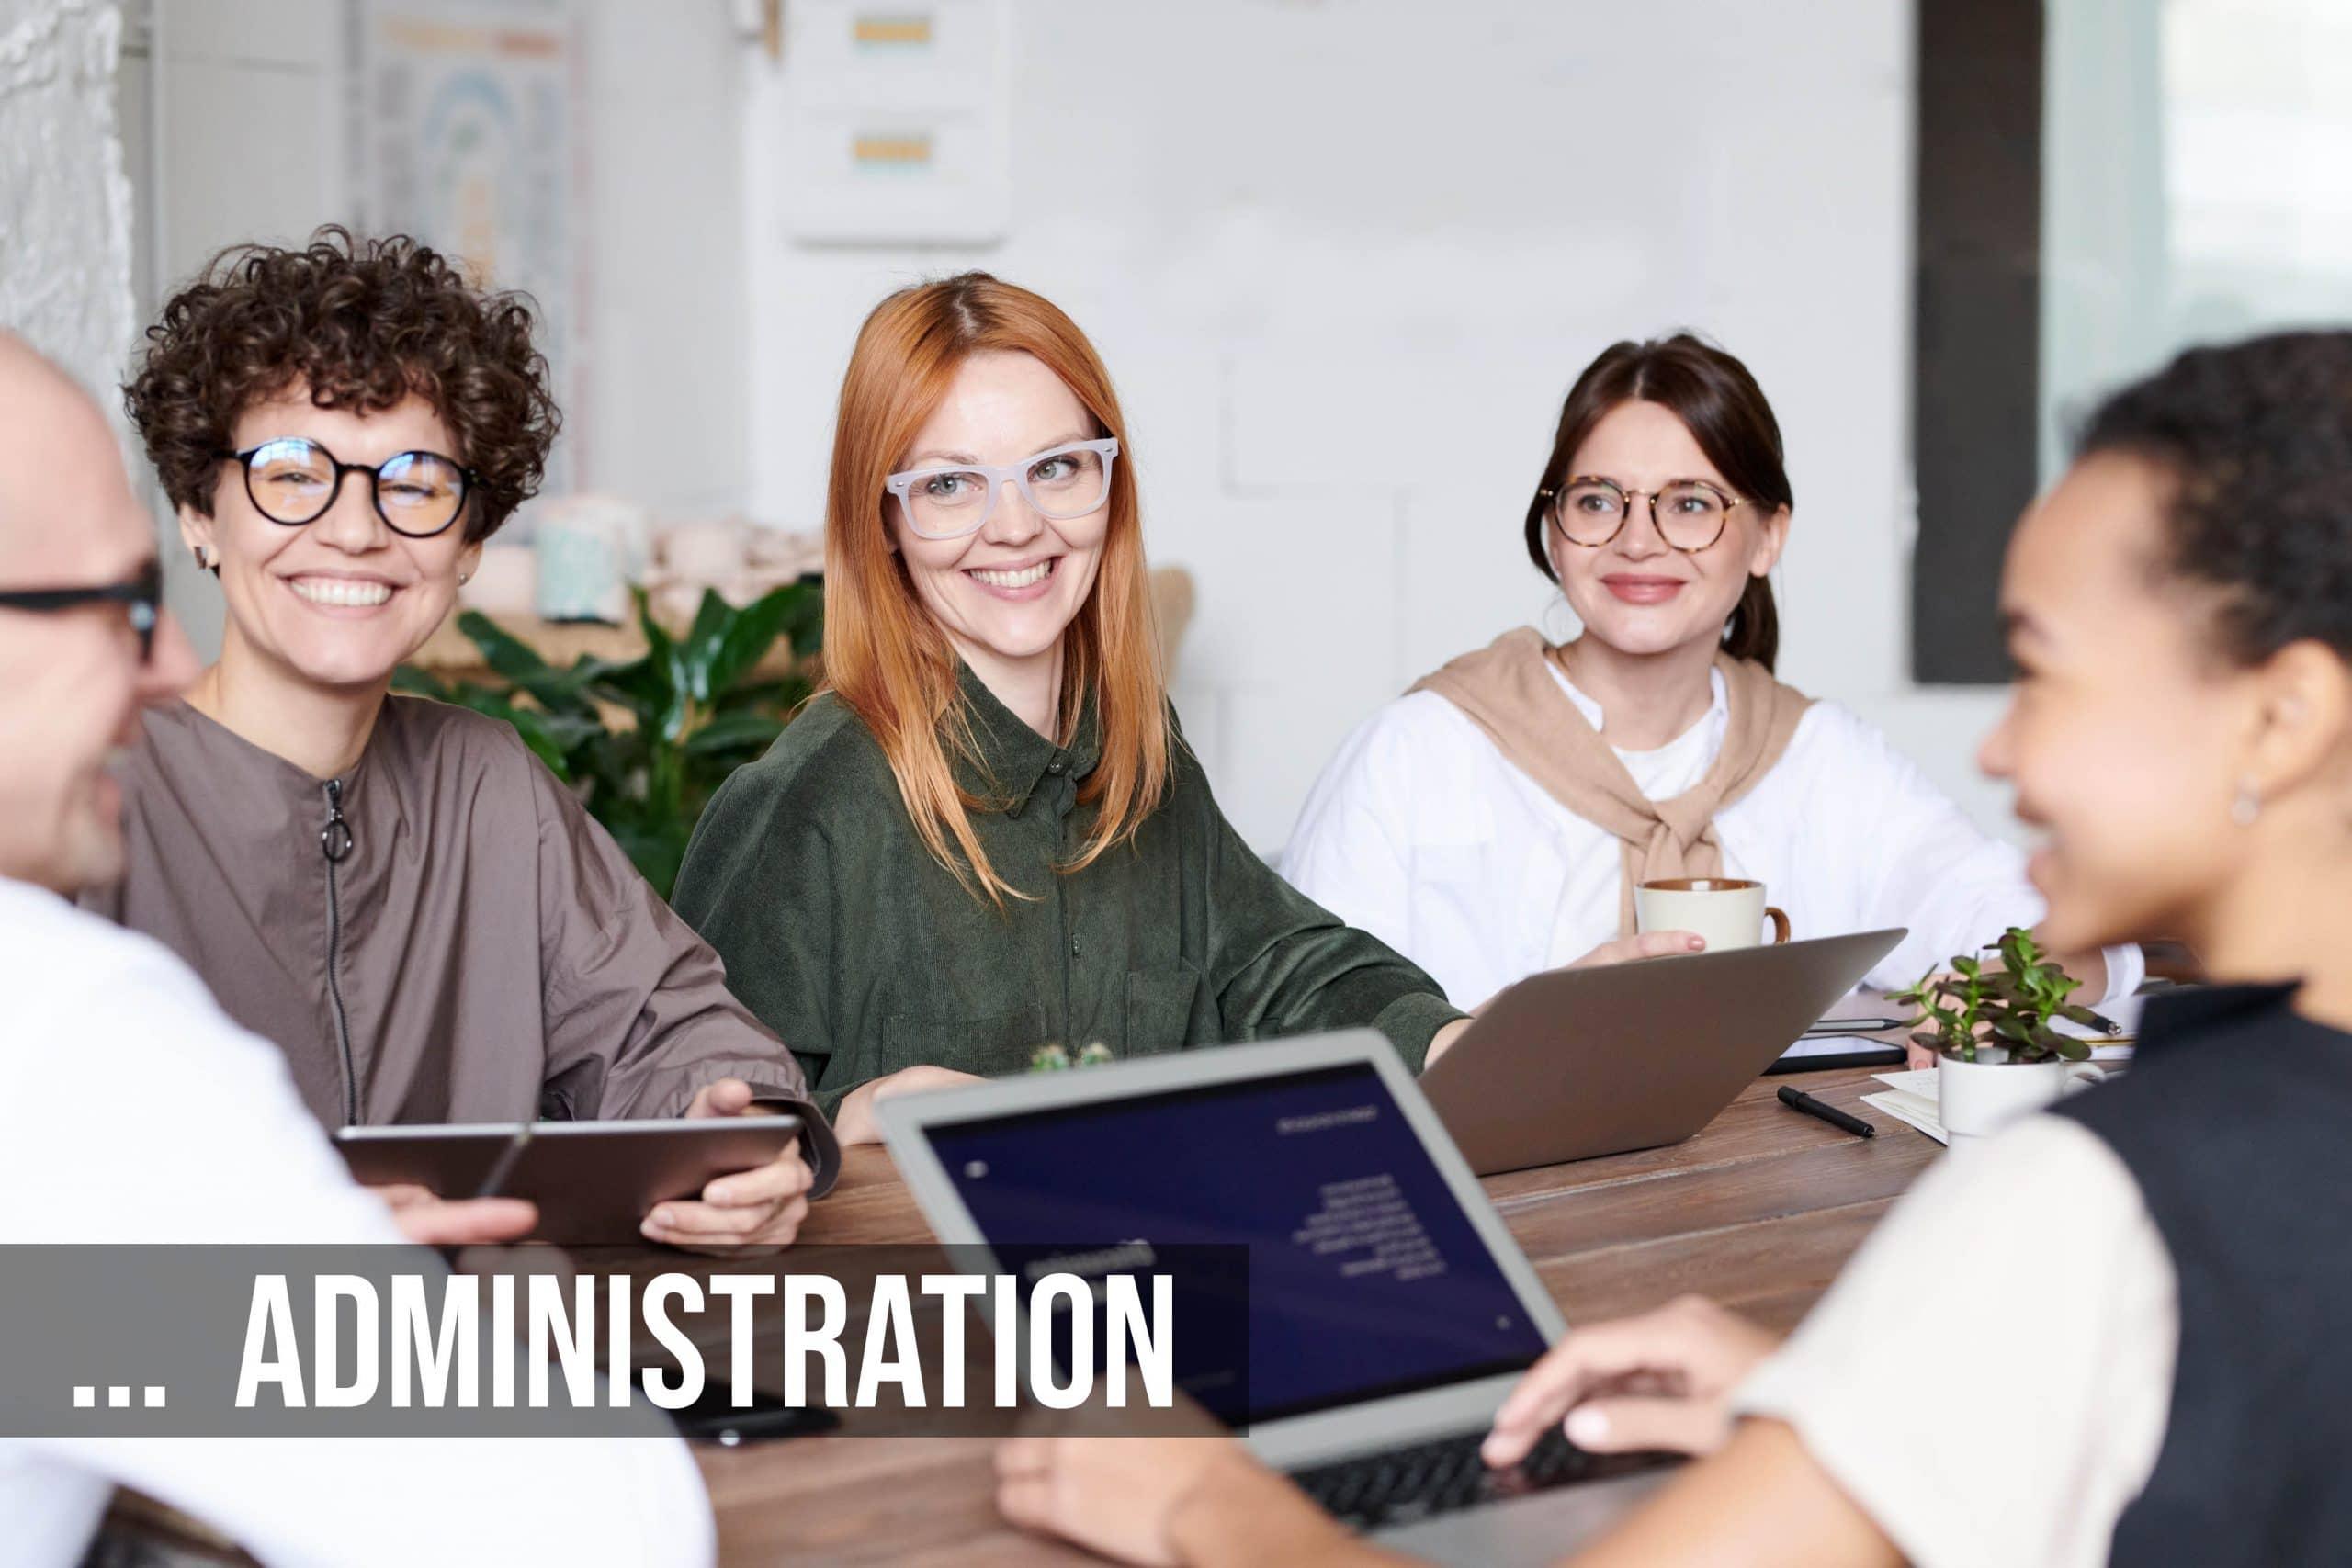 Gruppe von Frauen in Team Besprechung